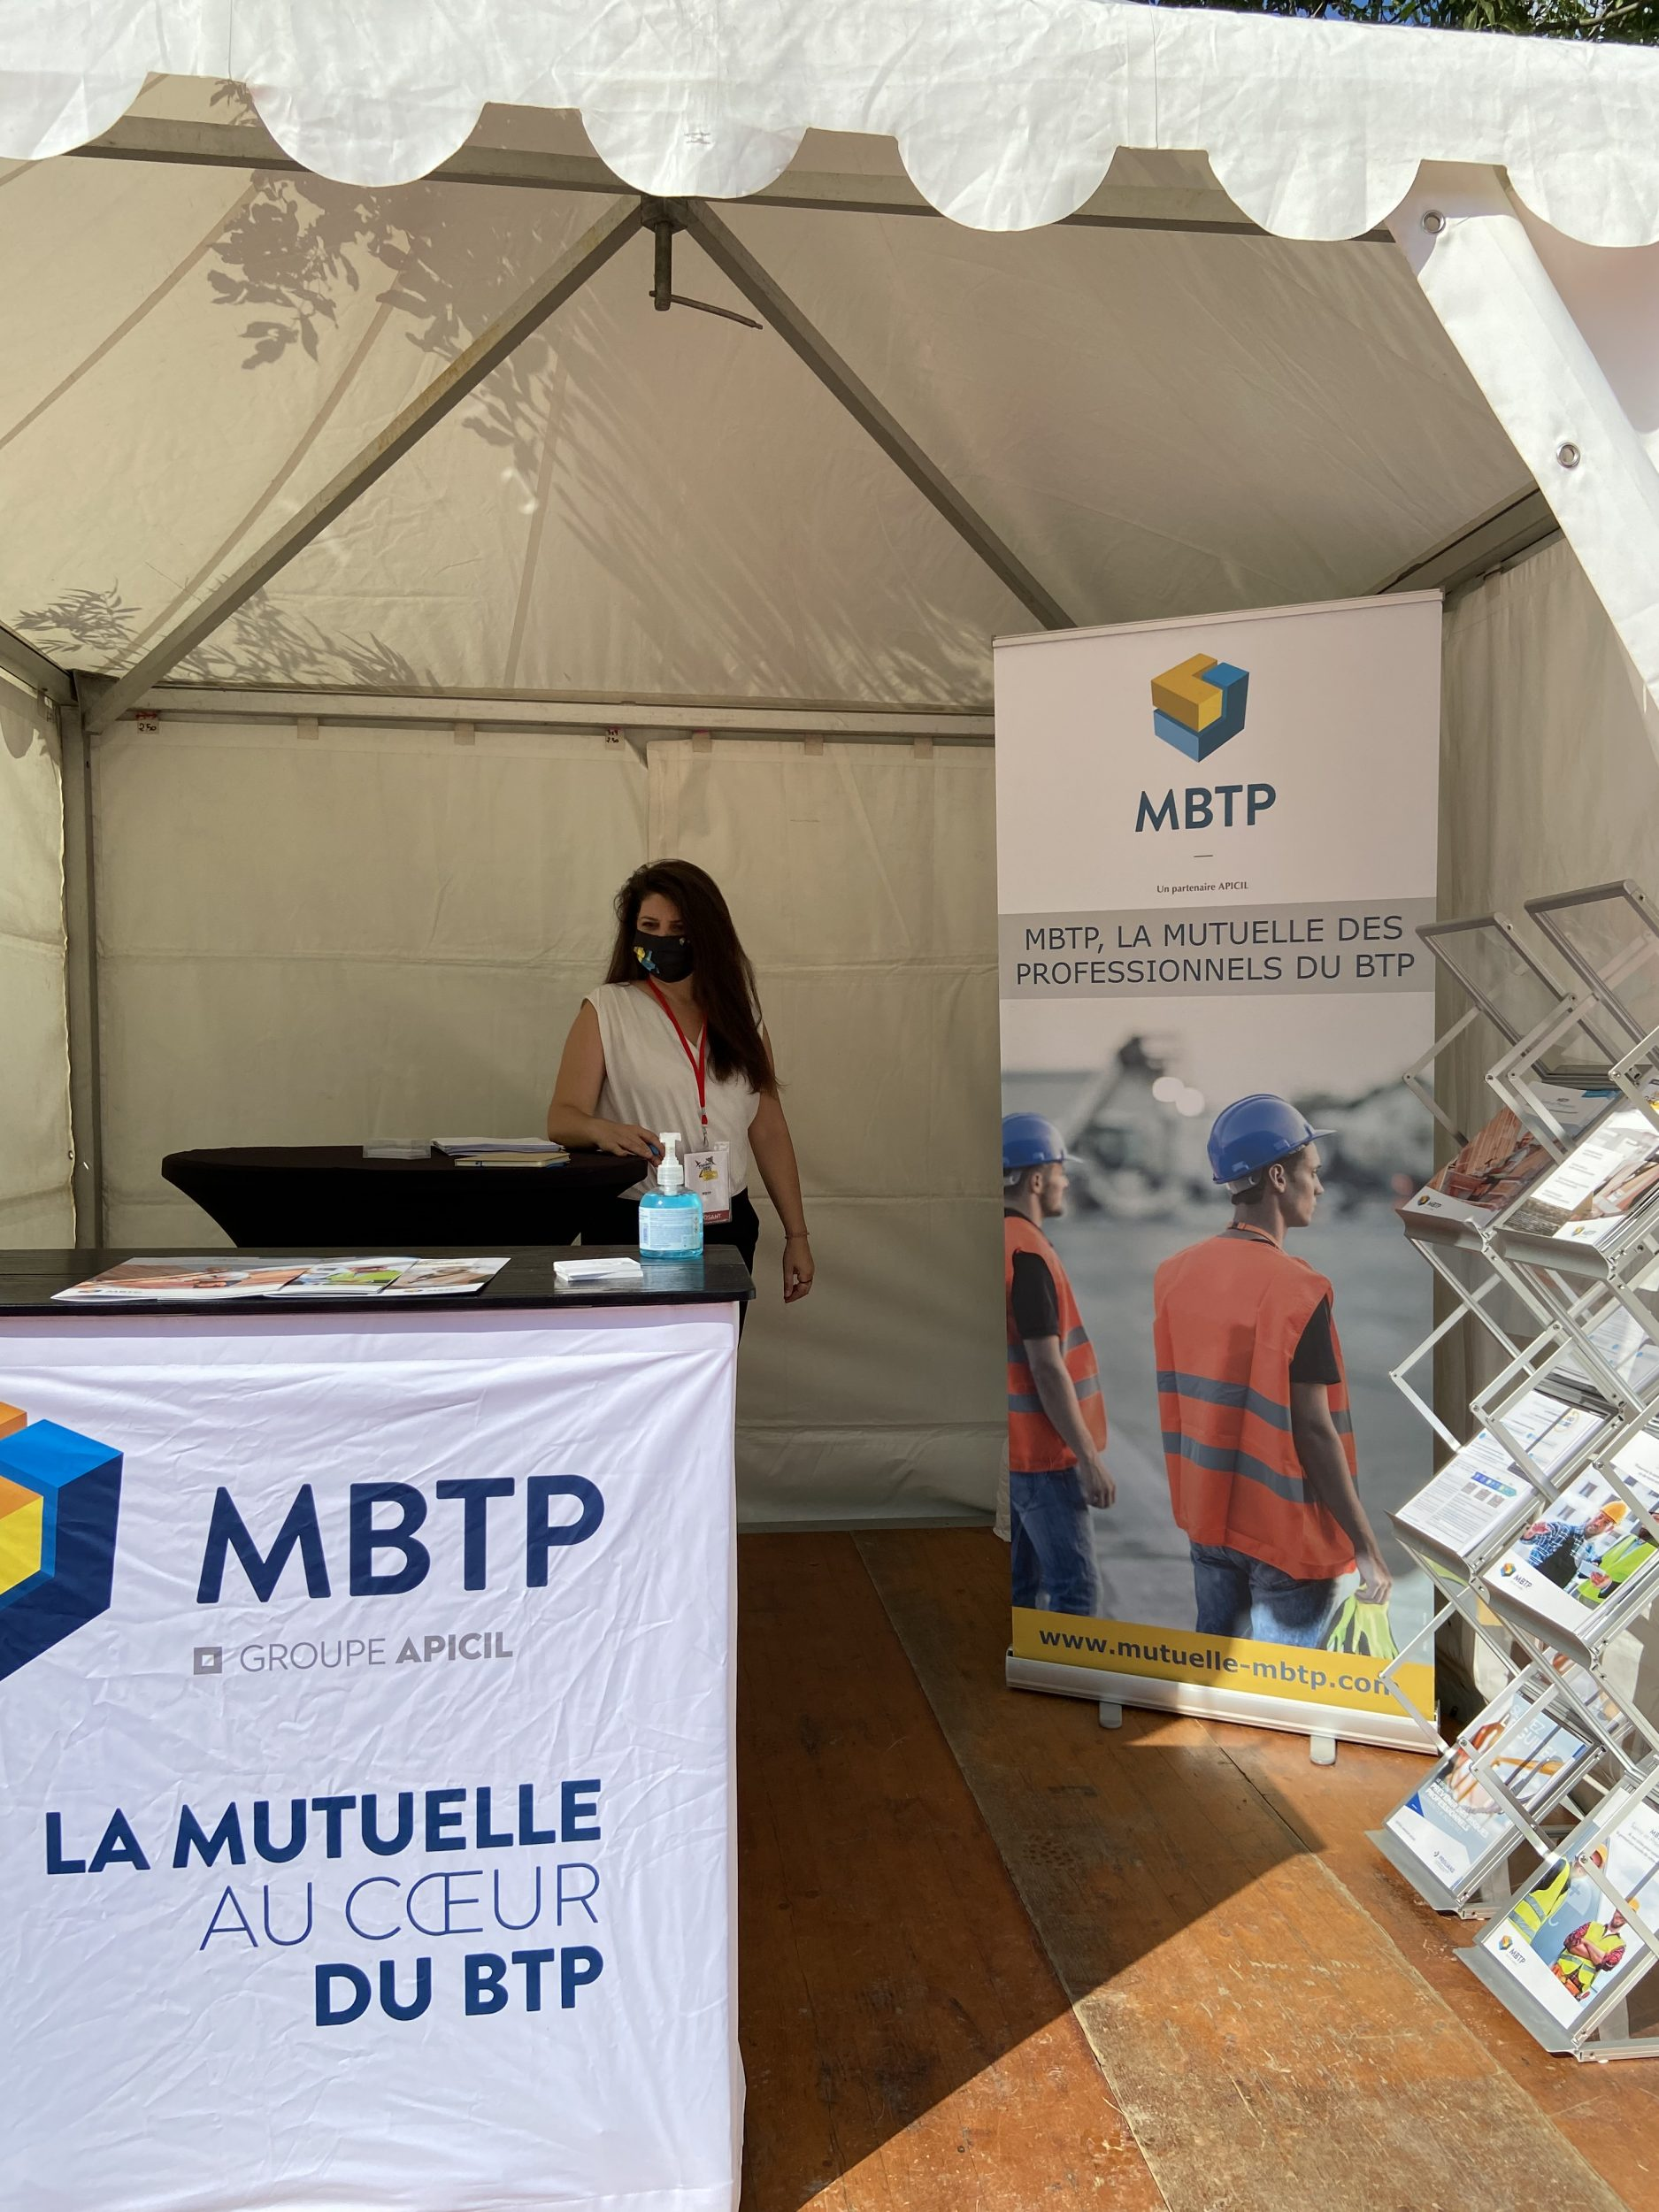 Stand de la MBTP durant le salon de espace btp : une commerciale de la MBTP est présente sur le stand afin de répondre aux questions de personnes présents sur les offres de la mutuelle